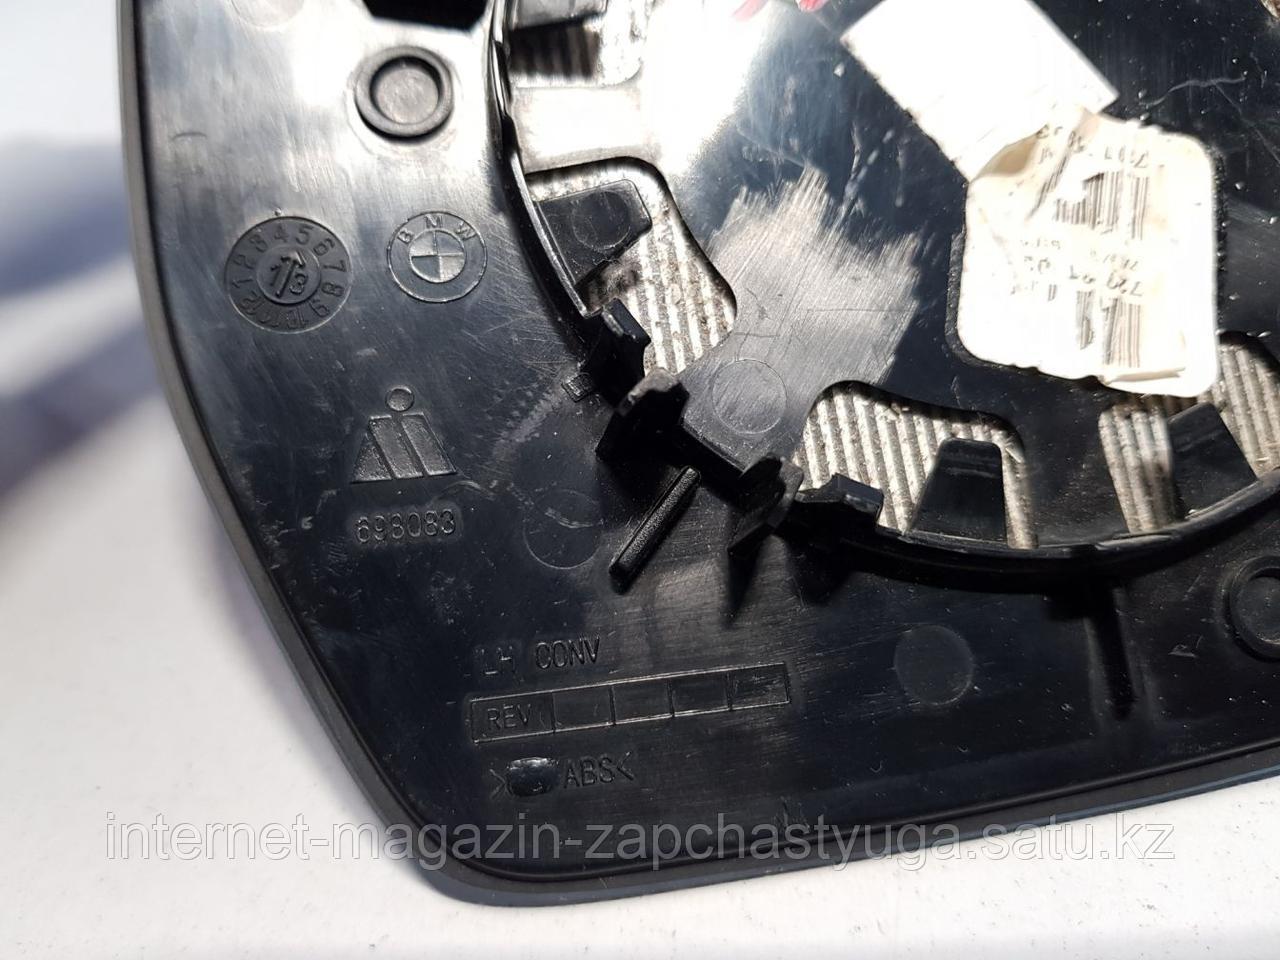 51167354631 Зеркальный элемент левый для BMW X5 F15 2013-2018 Б/У - фото 2